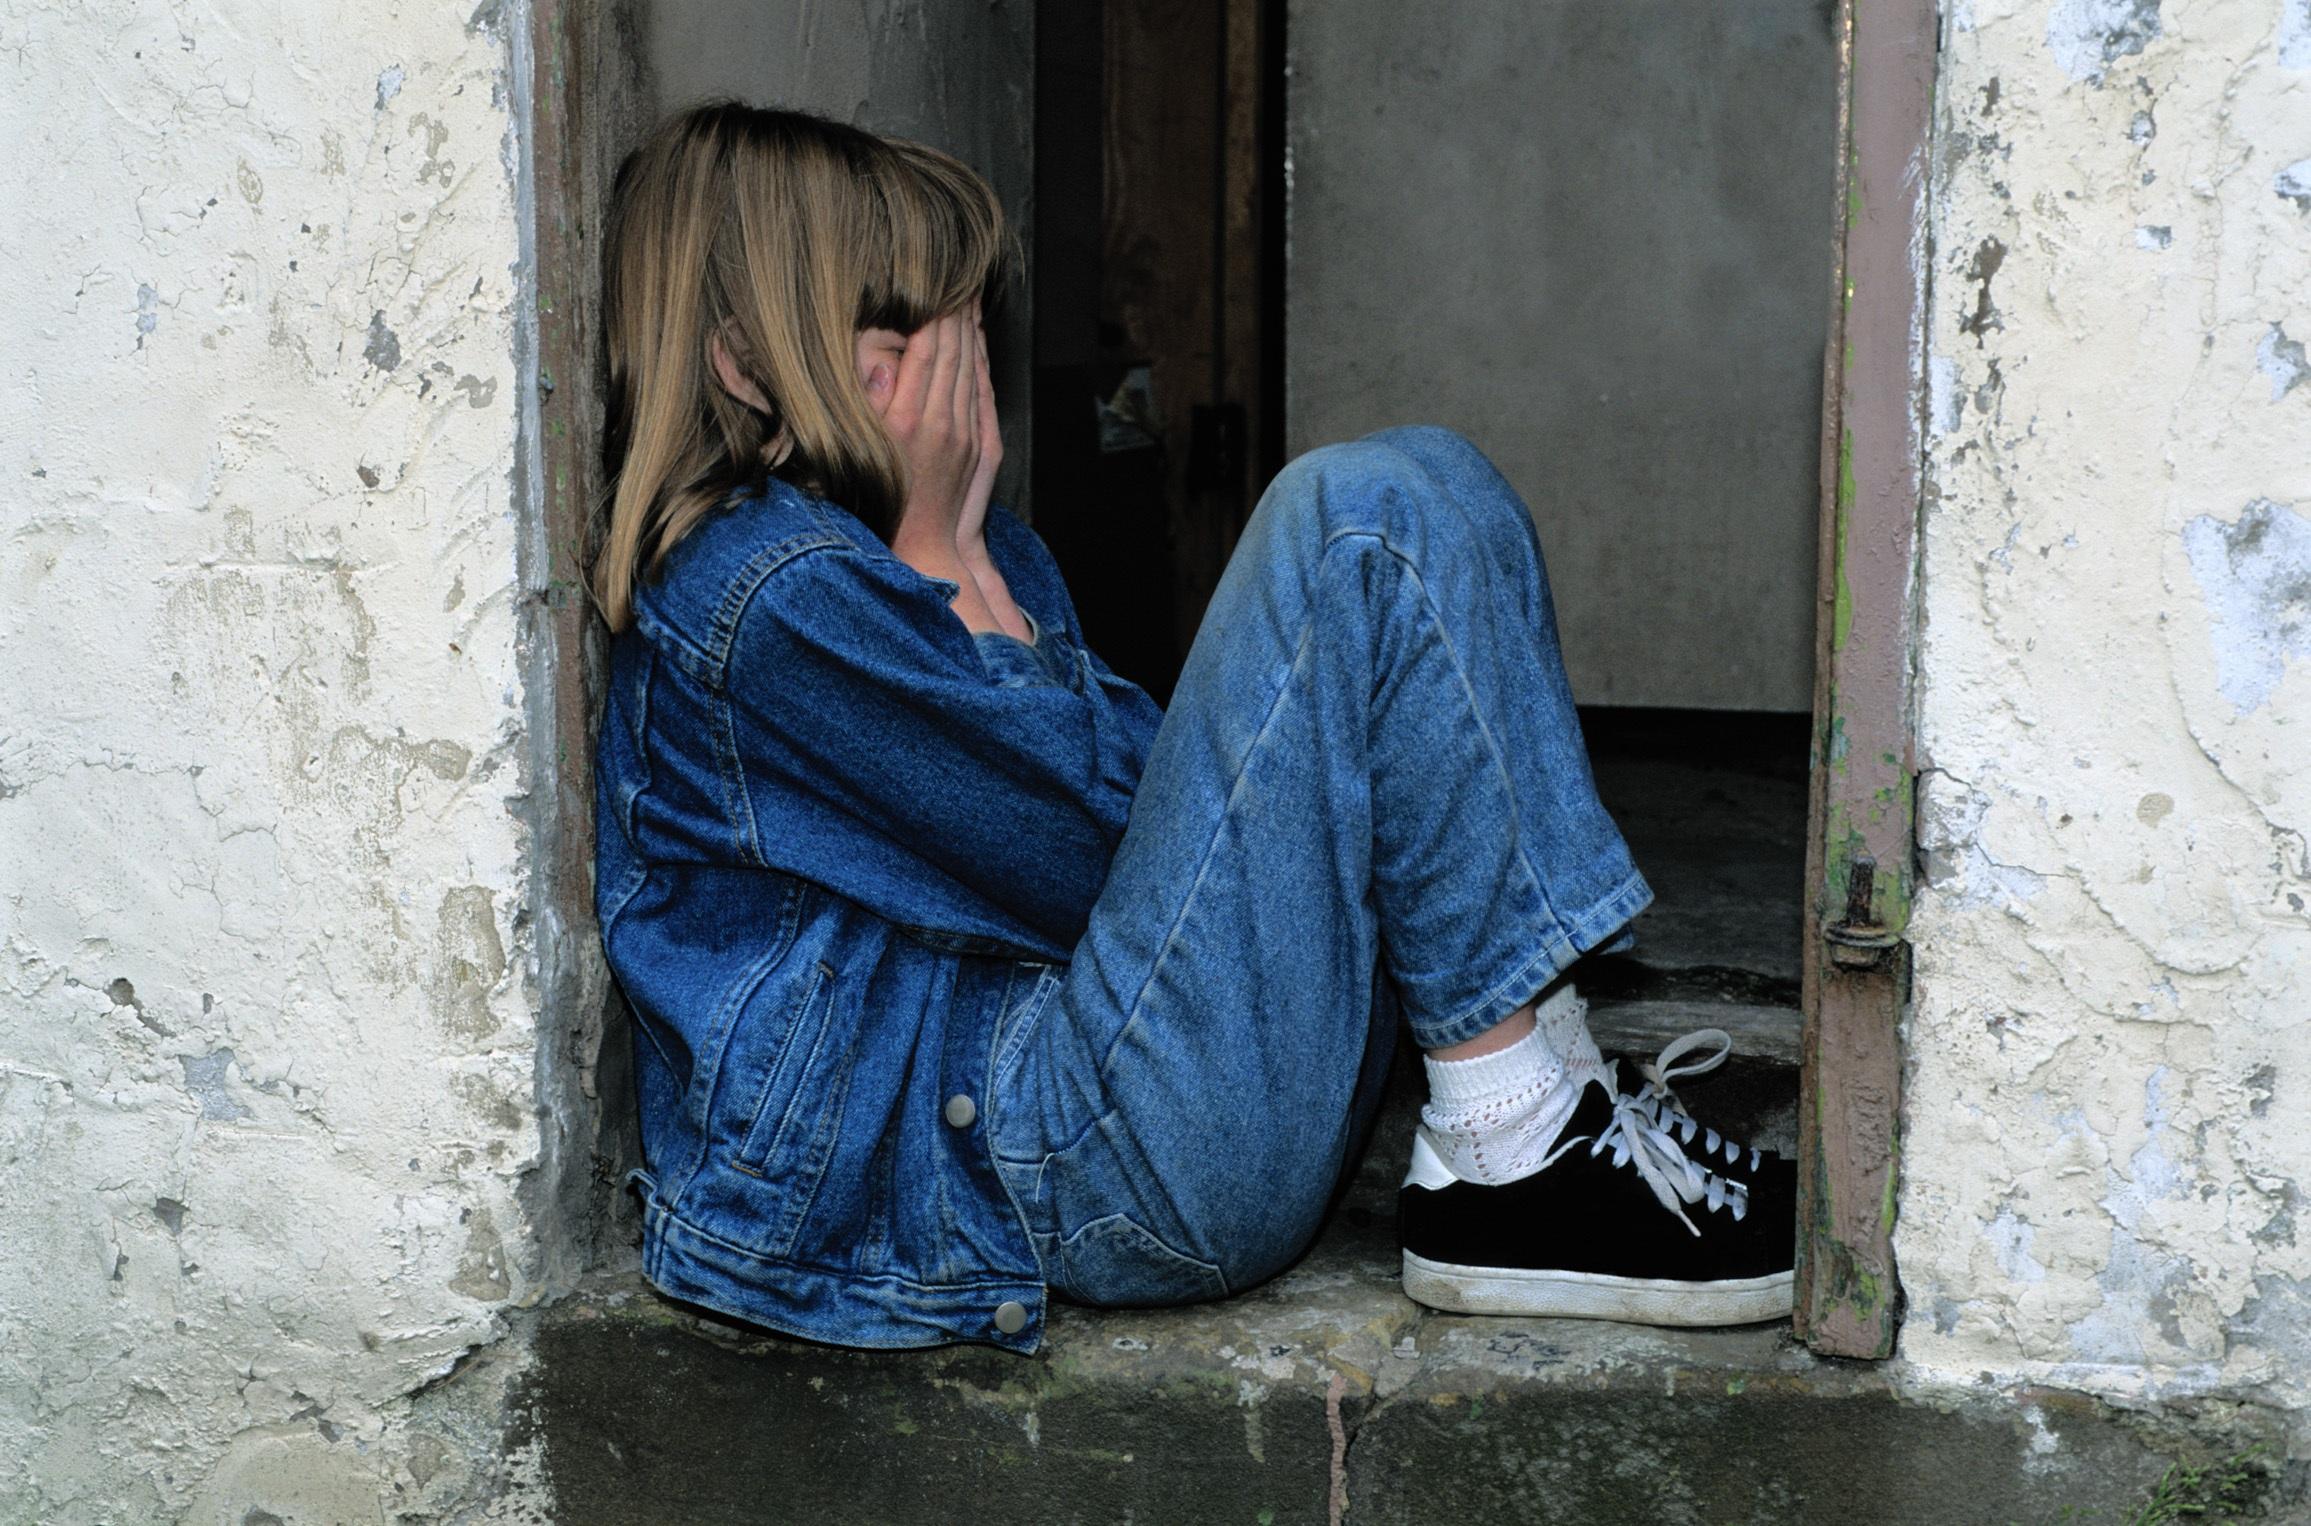 Casamento de menina de 13 anos leva à detenção de cinco pessoas